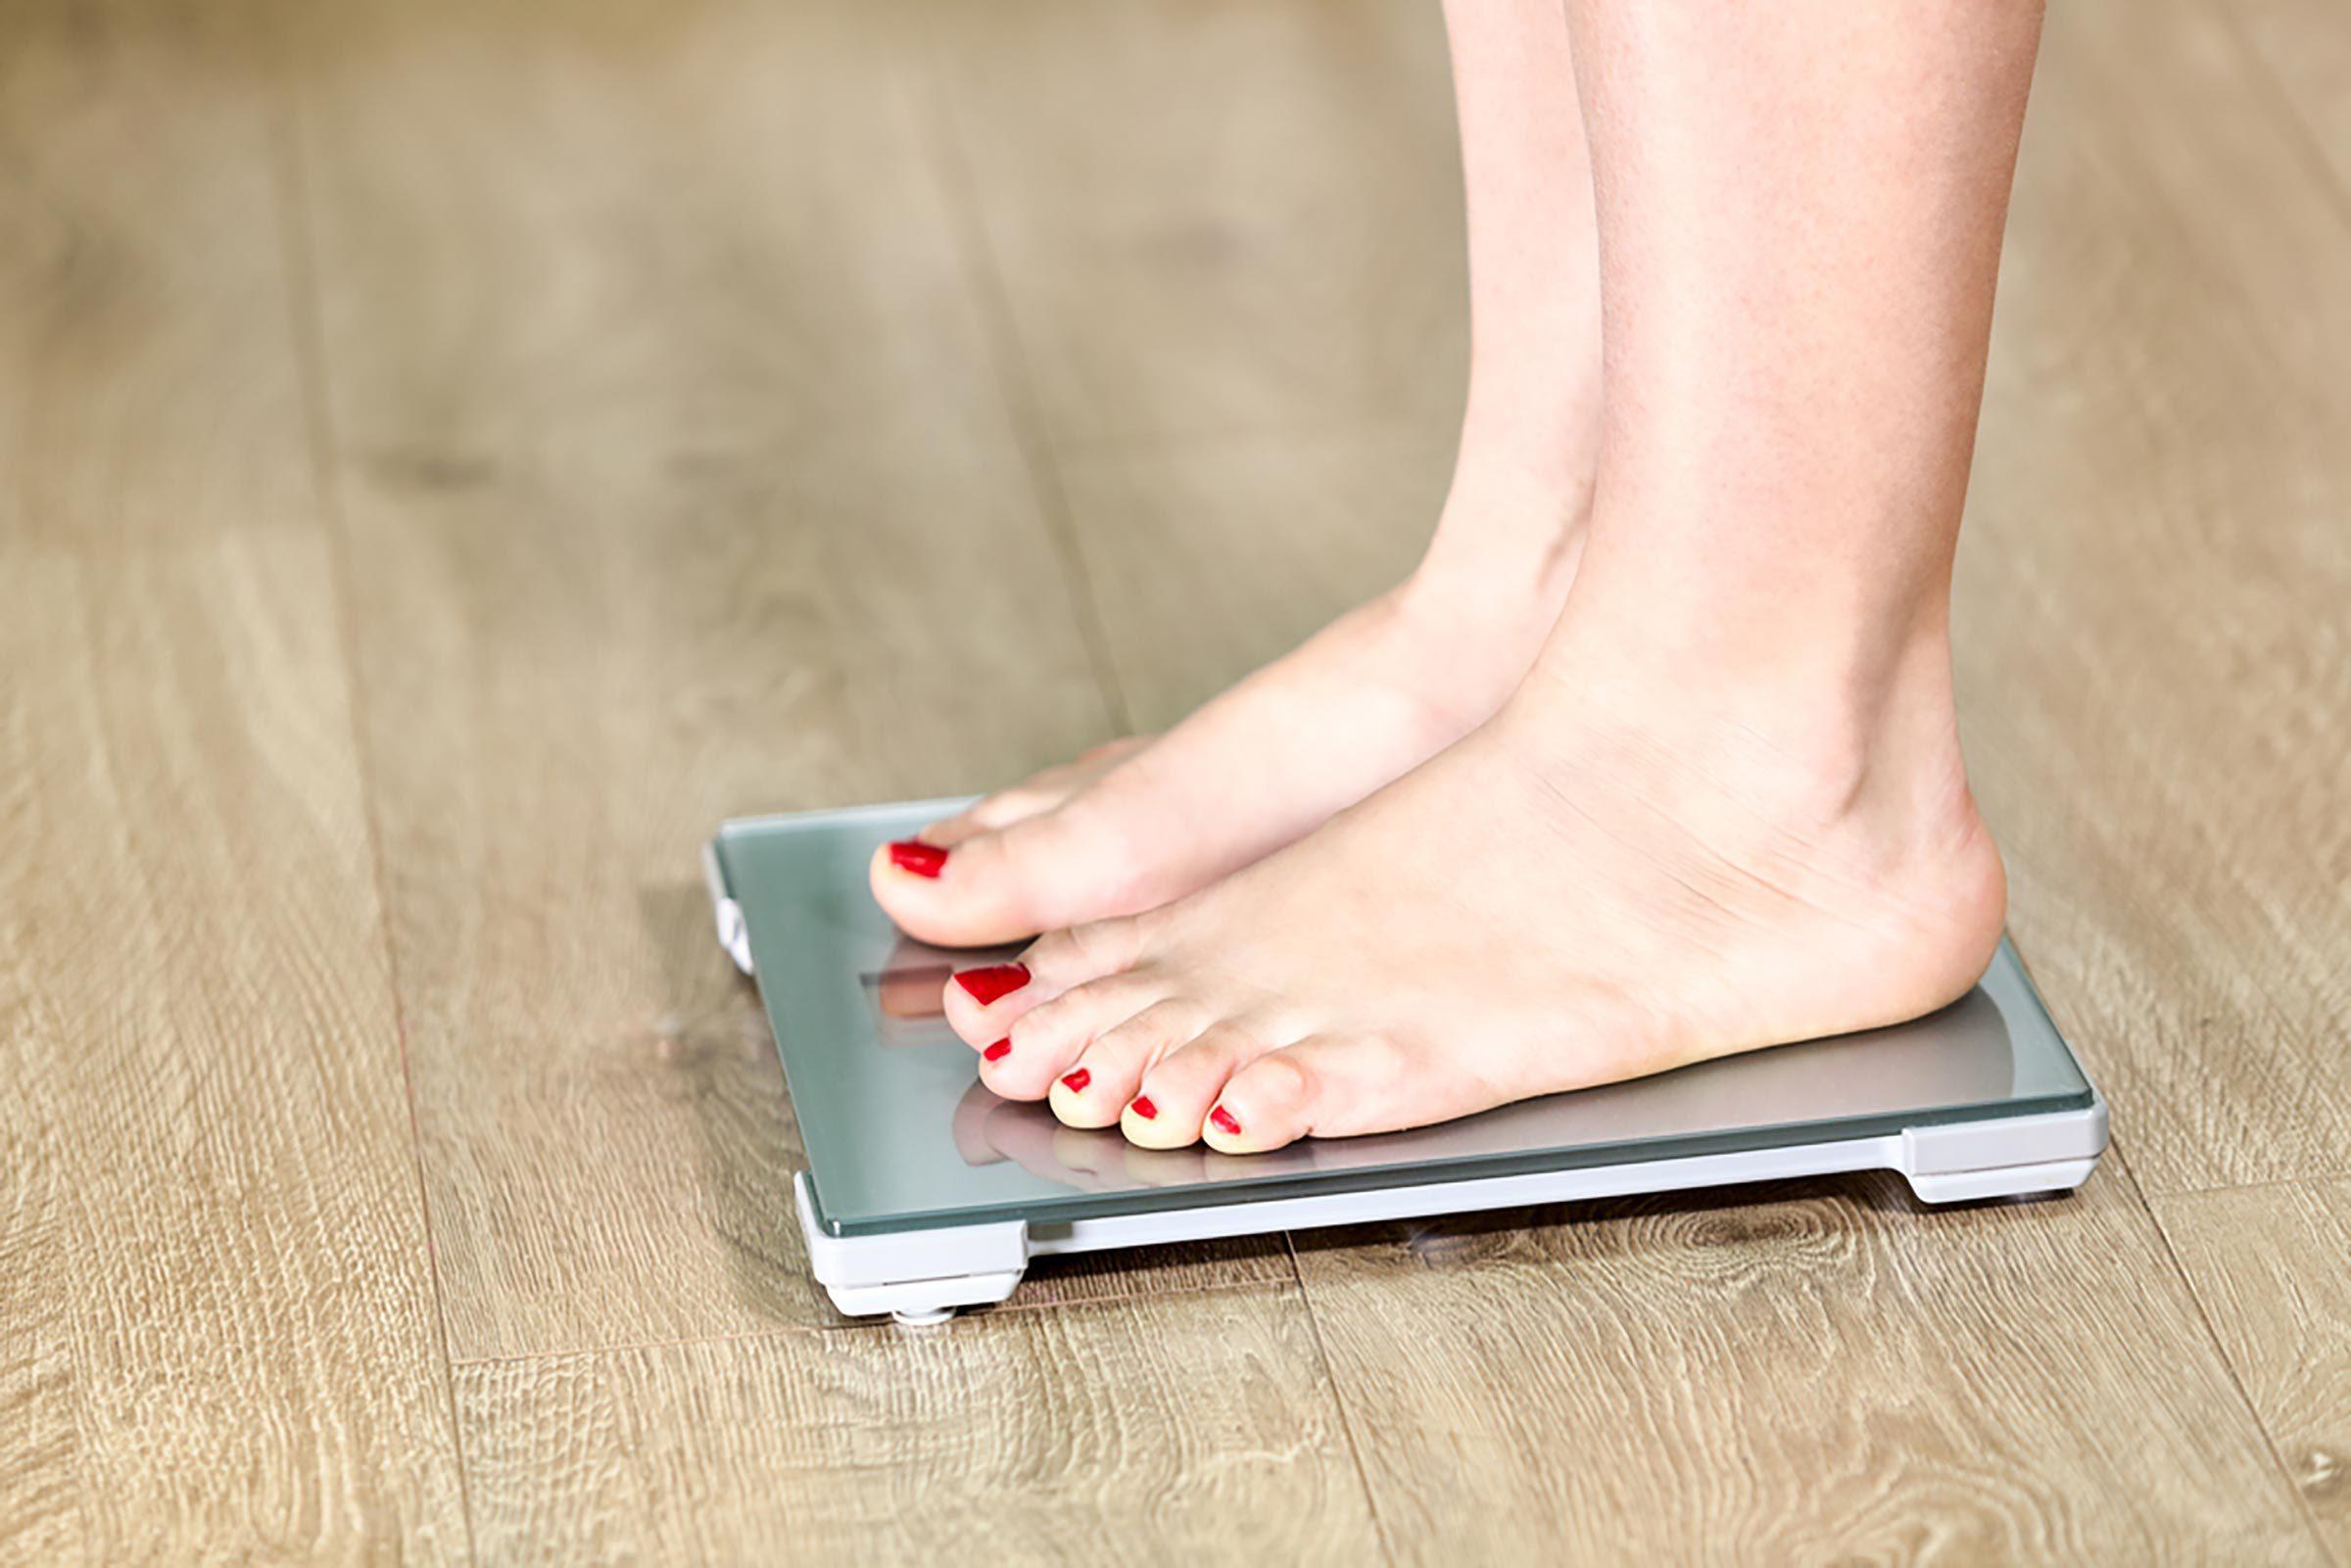 Conseil santé : maintenir un poids santé